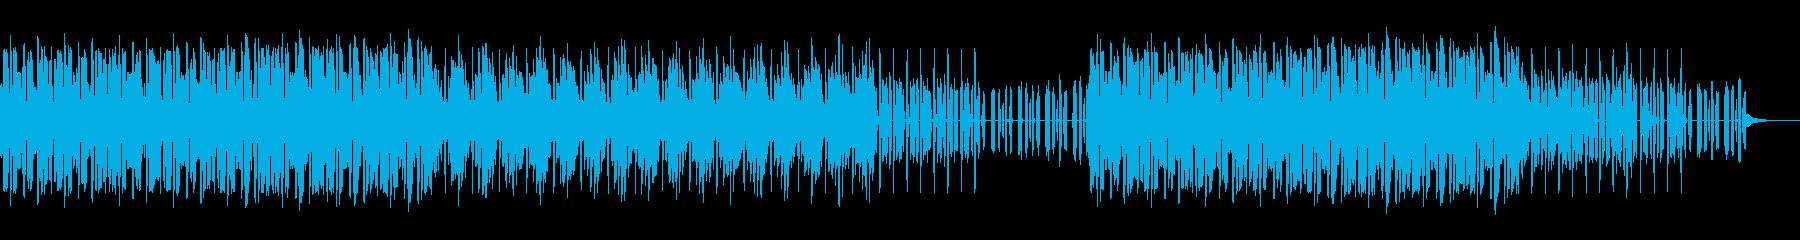 かわいいエレクトロな曲の再生済みの波形